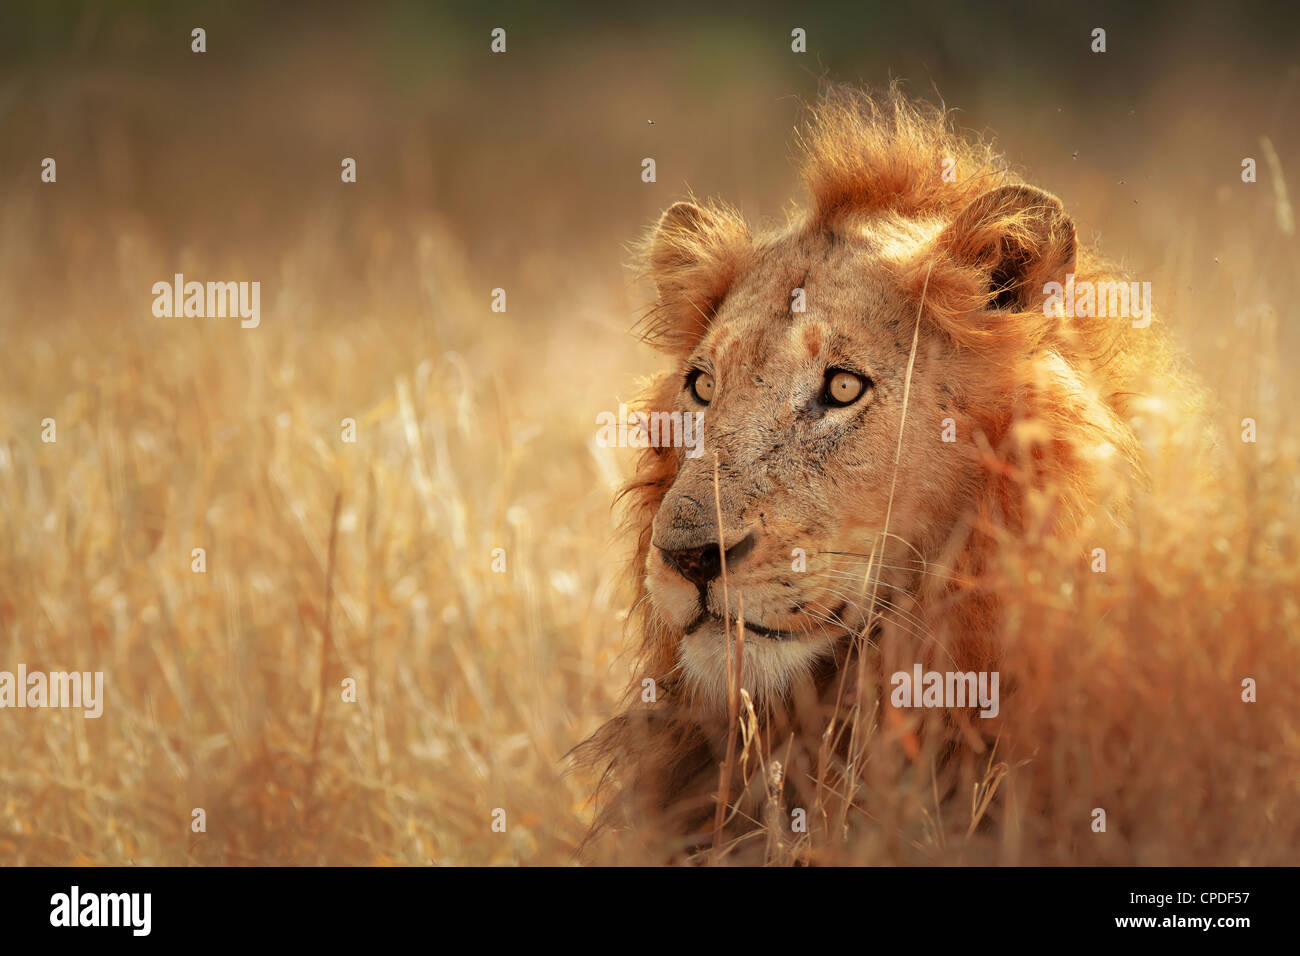 Großen männlichen Löwen liegen im dichten Grünland - Kruger National Park - Südafrika Stockbild